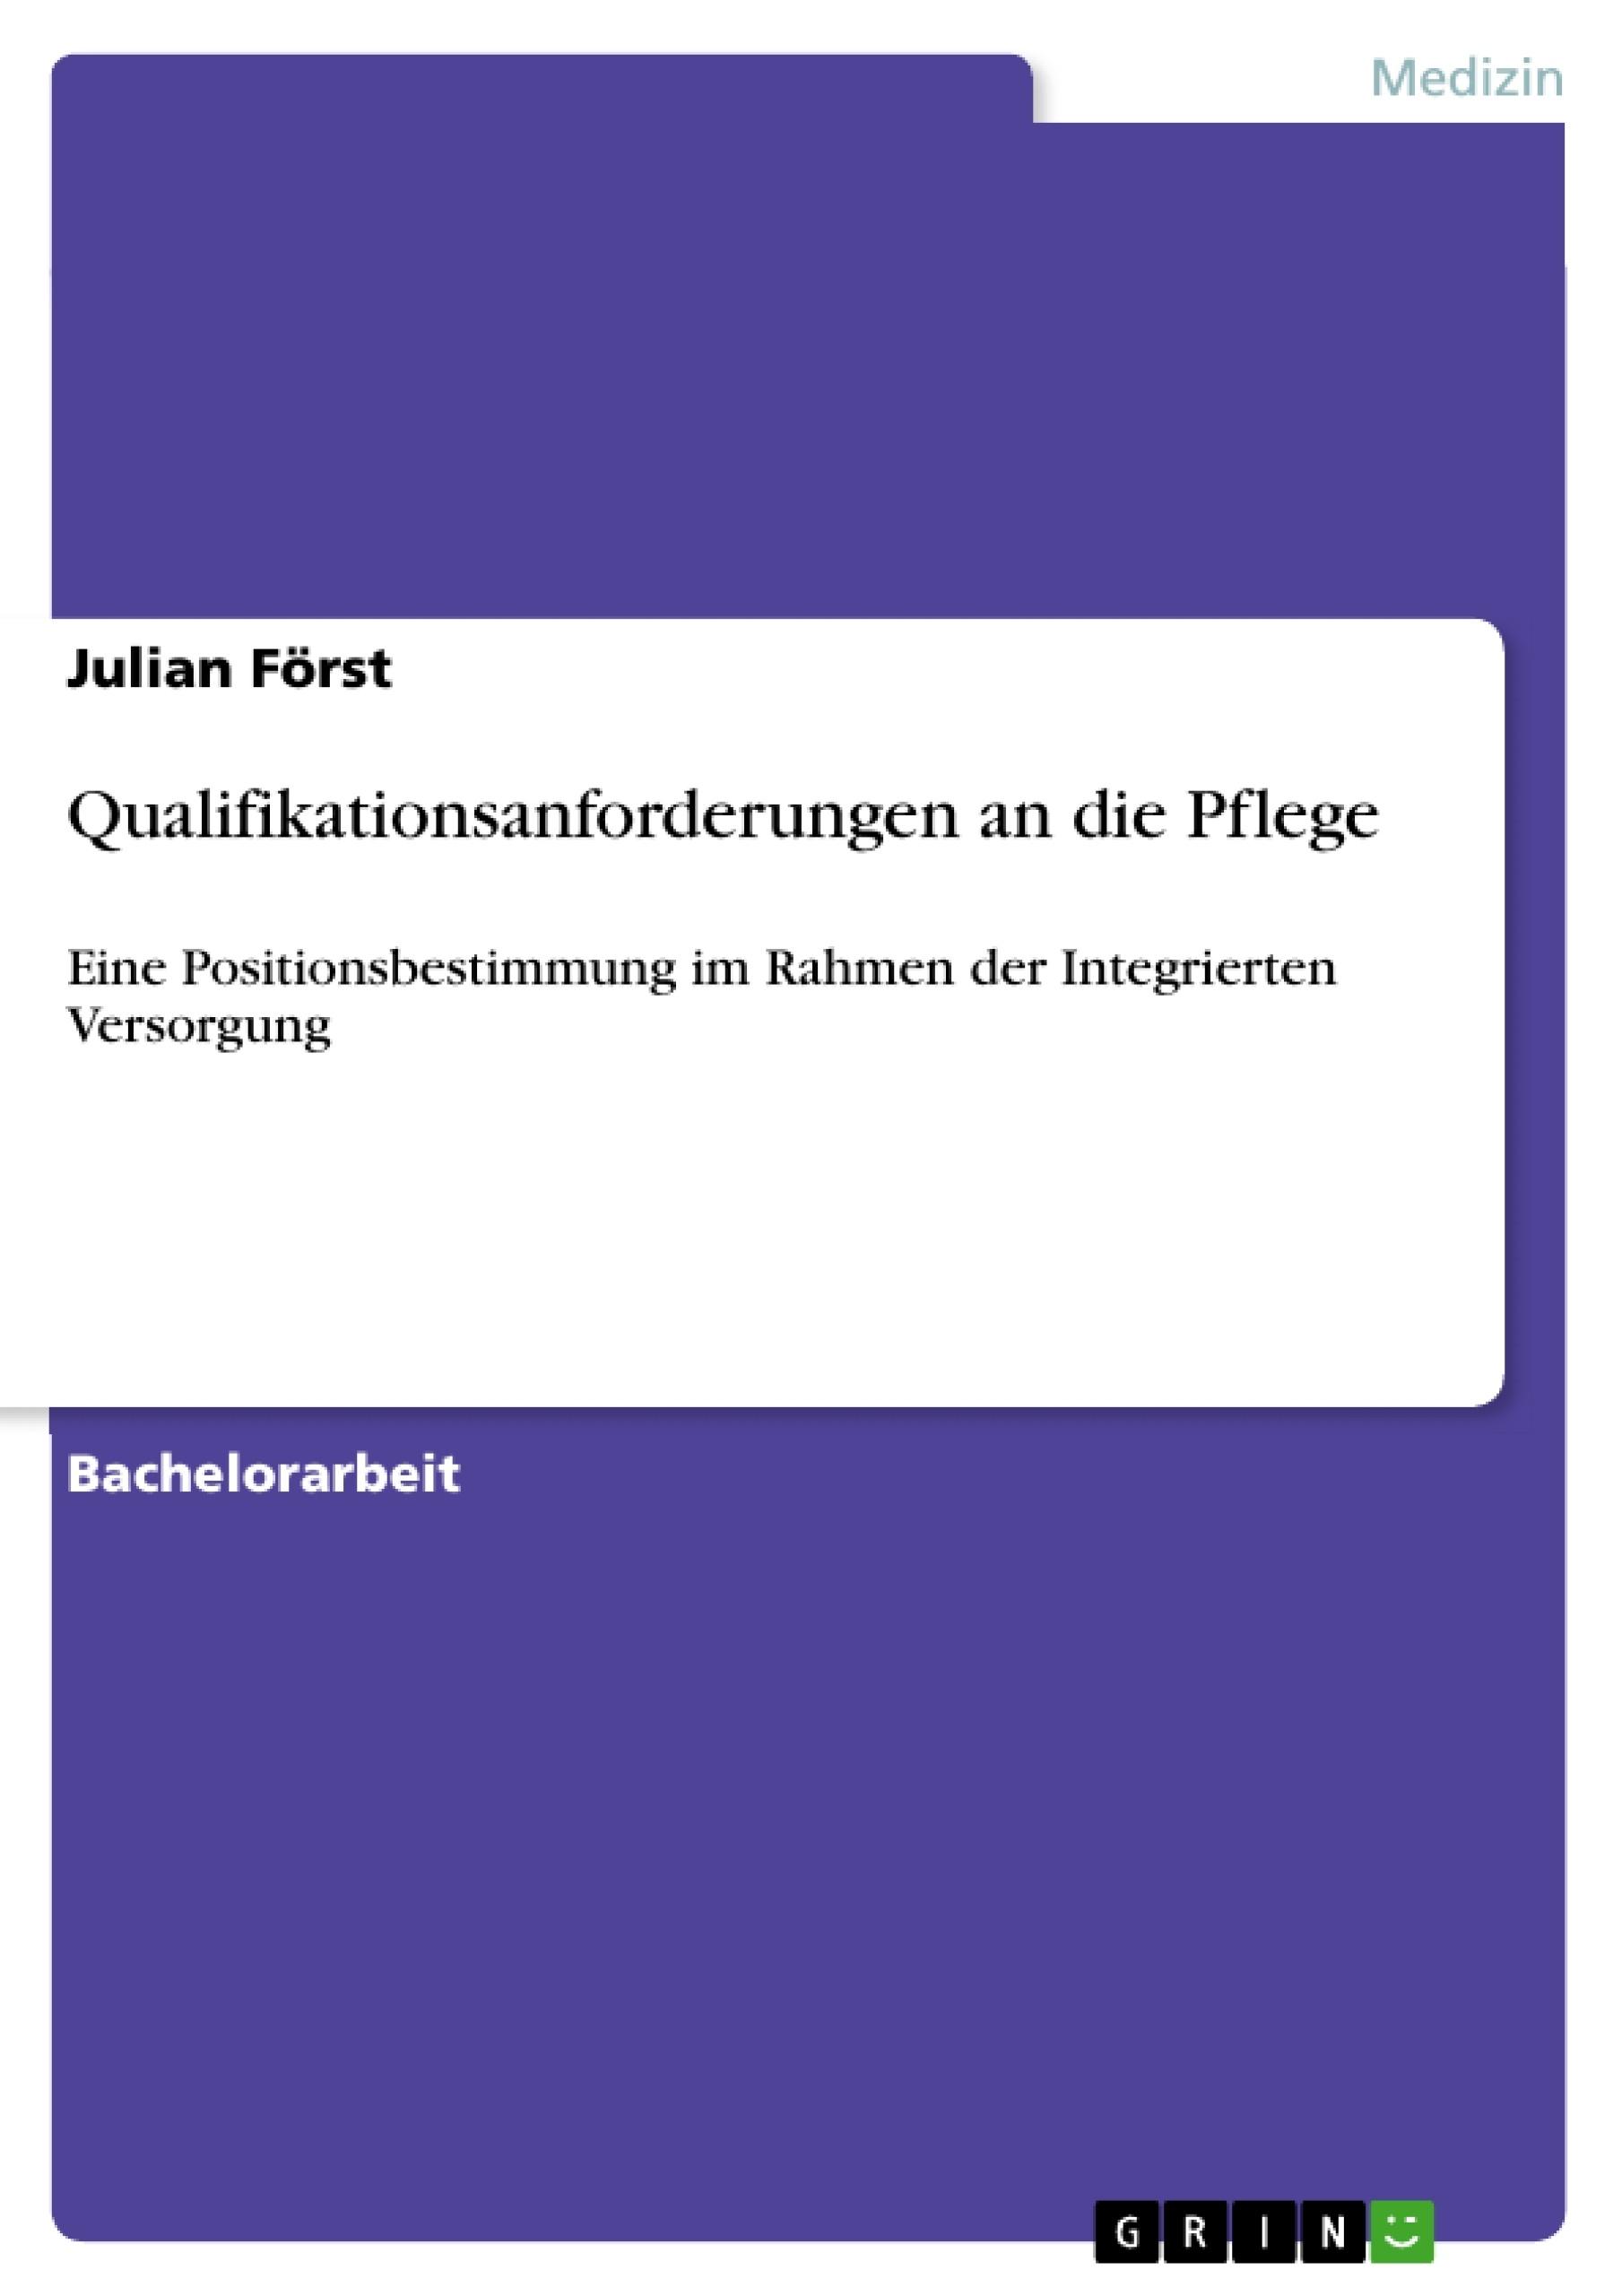 Titel: Qualifikationsanforderungen an die Pflege